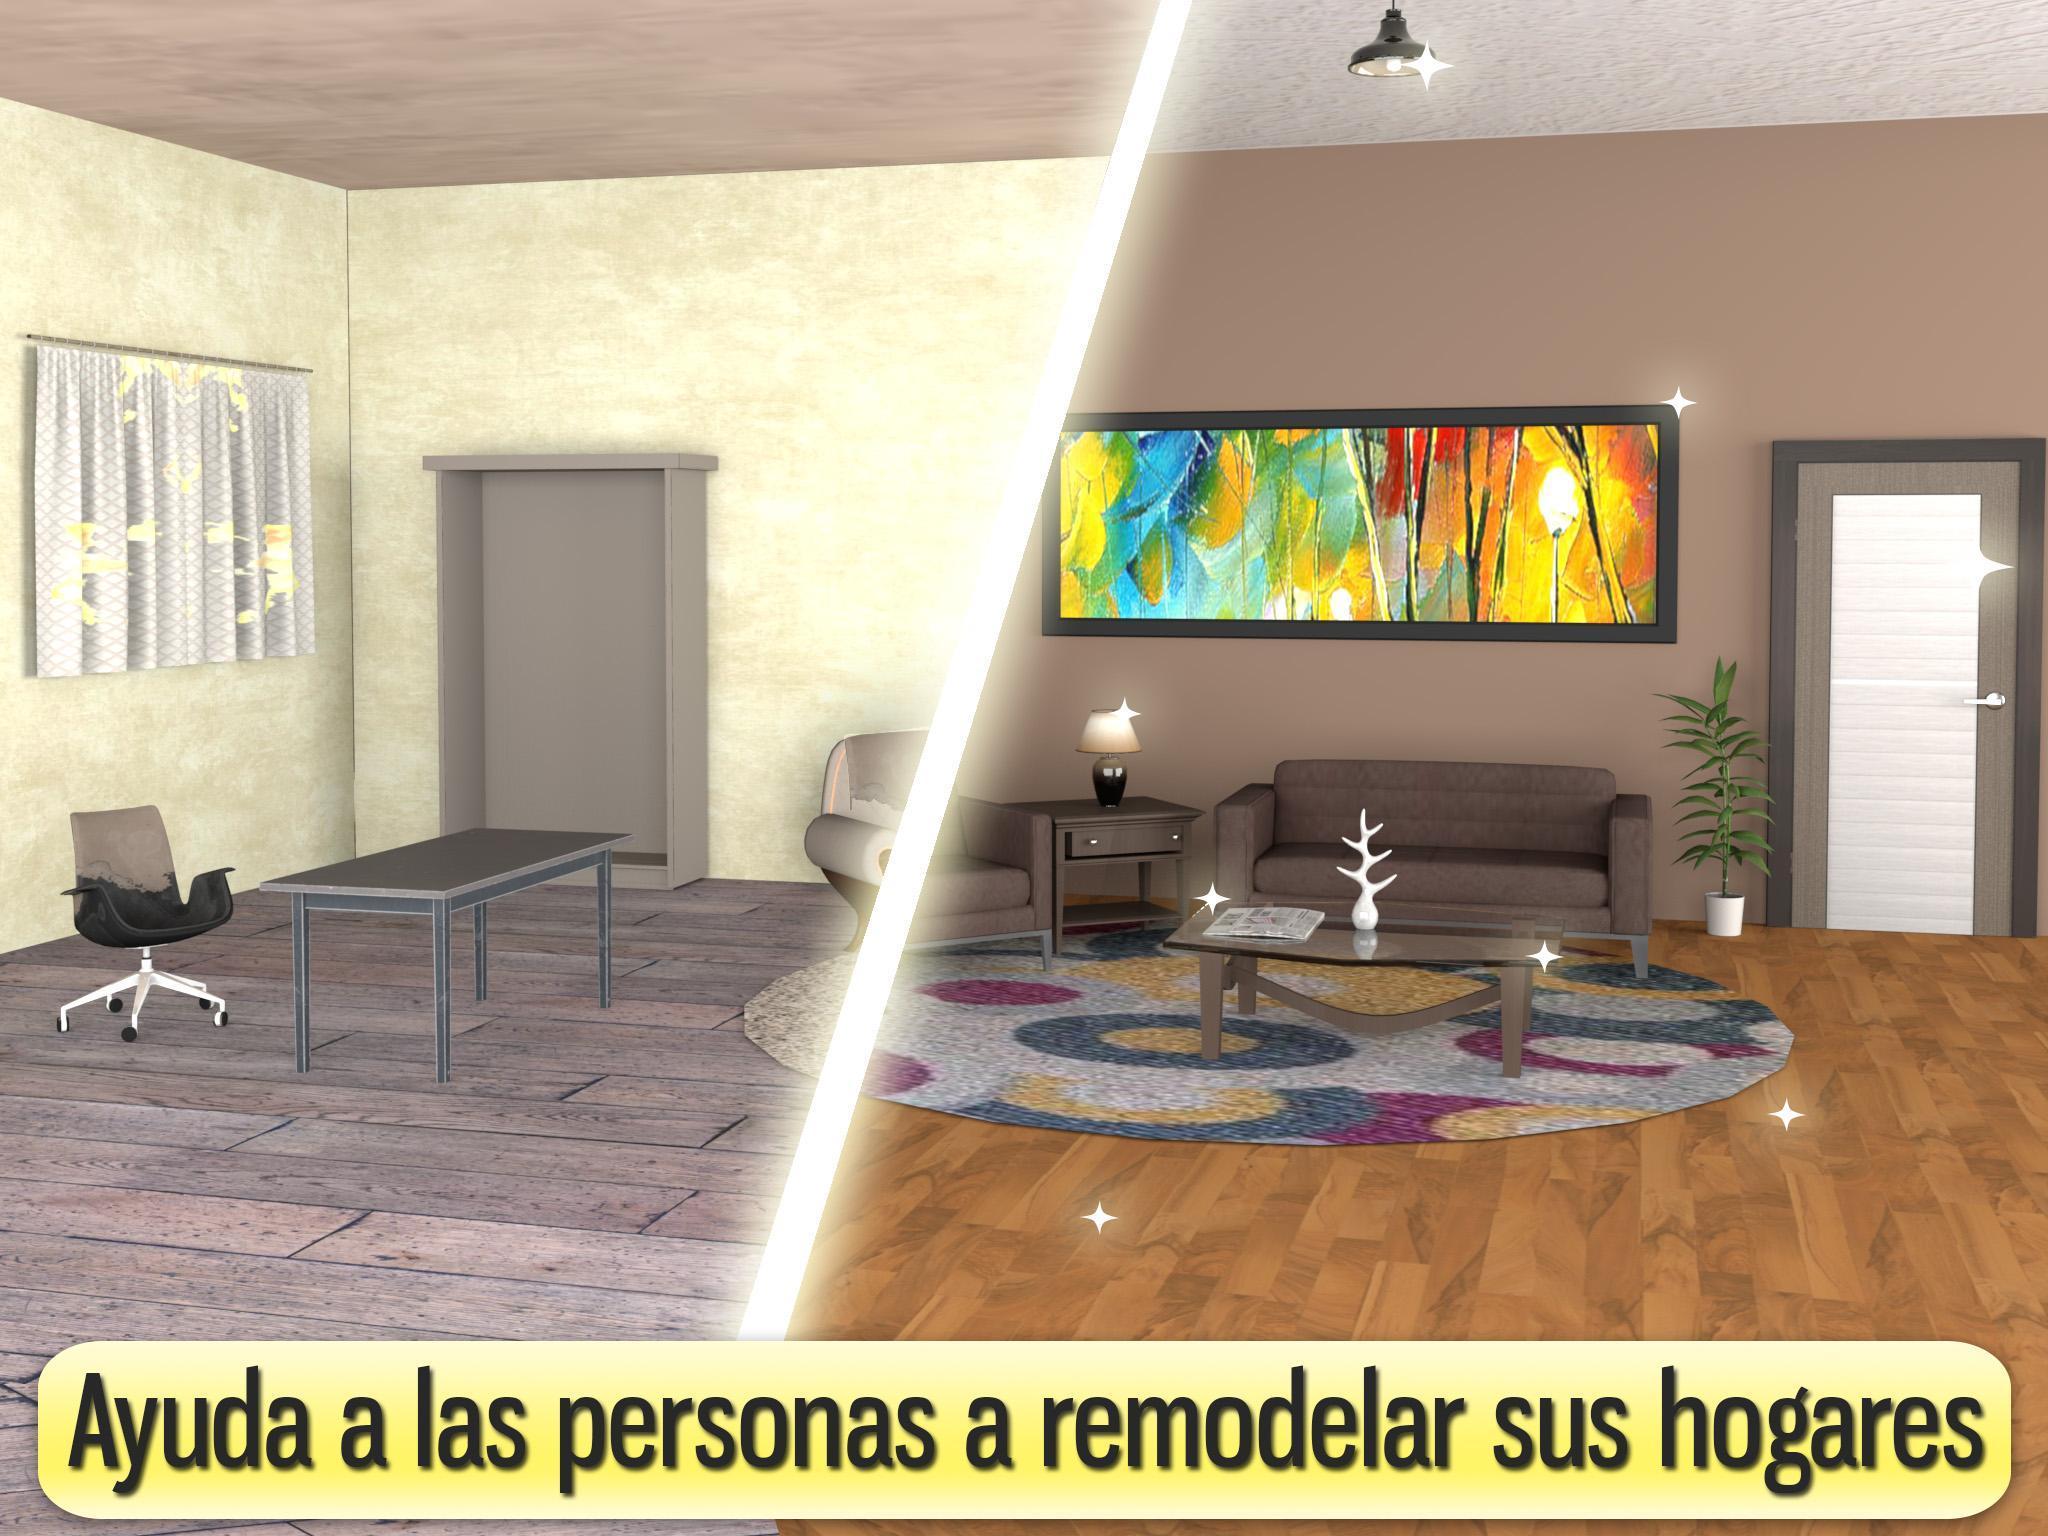 El Hogar De Mis Sueños Diseña Casas E Interiores For